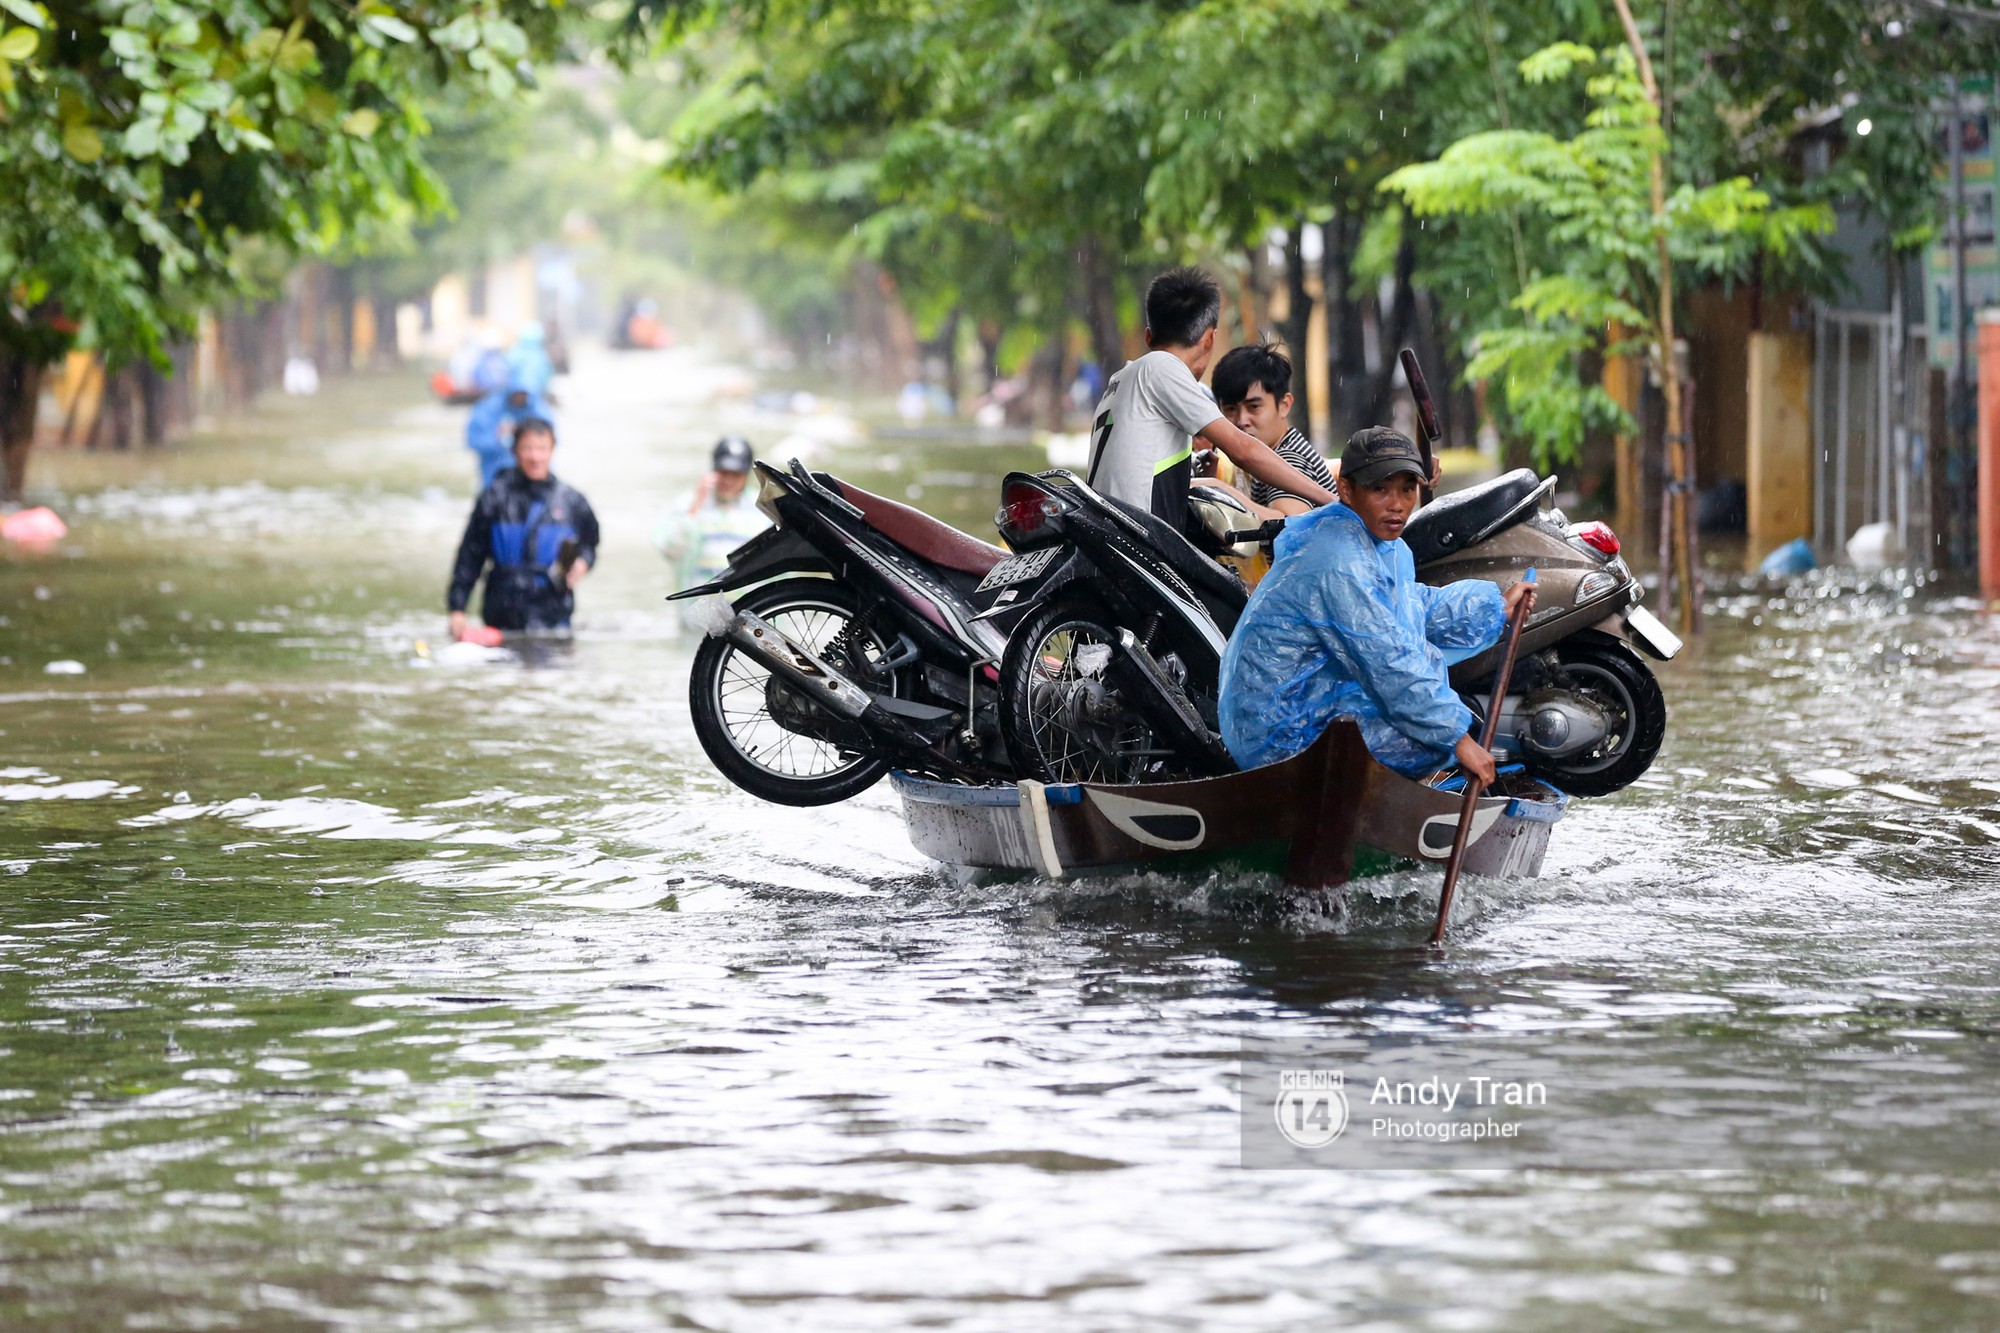 Chùm ảnh: Hội An nước ngập thành sông do ảnh hưởng của bão, người dân và du khách chật vật dùng thuyền bè di chuyển - Ảnh 12.